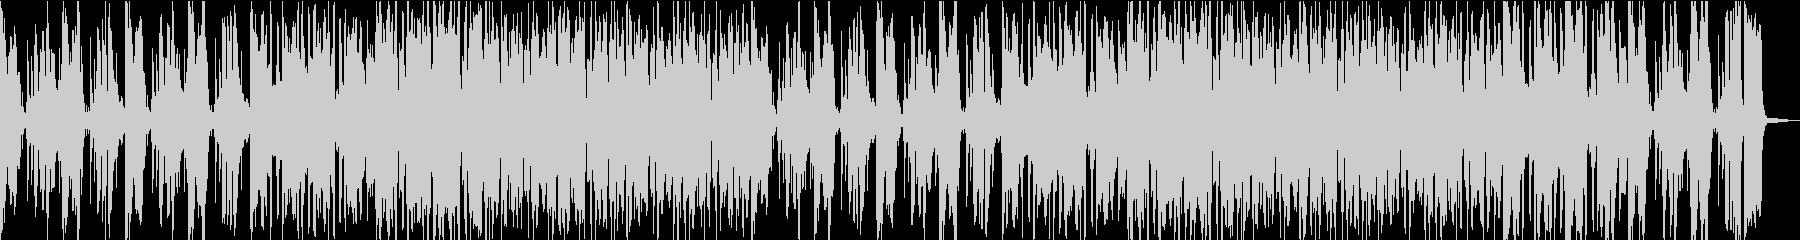 明るくて軽妙な雰囲気ビッグバンドジャズの未再生の波形